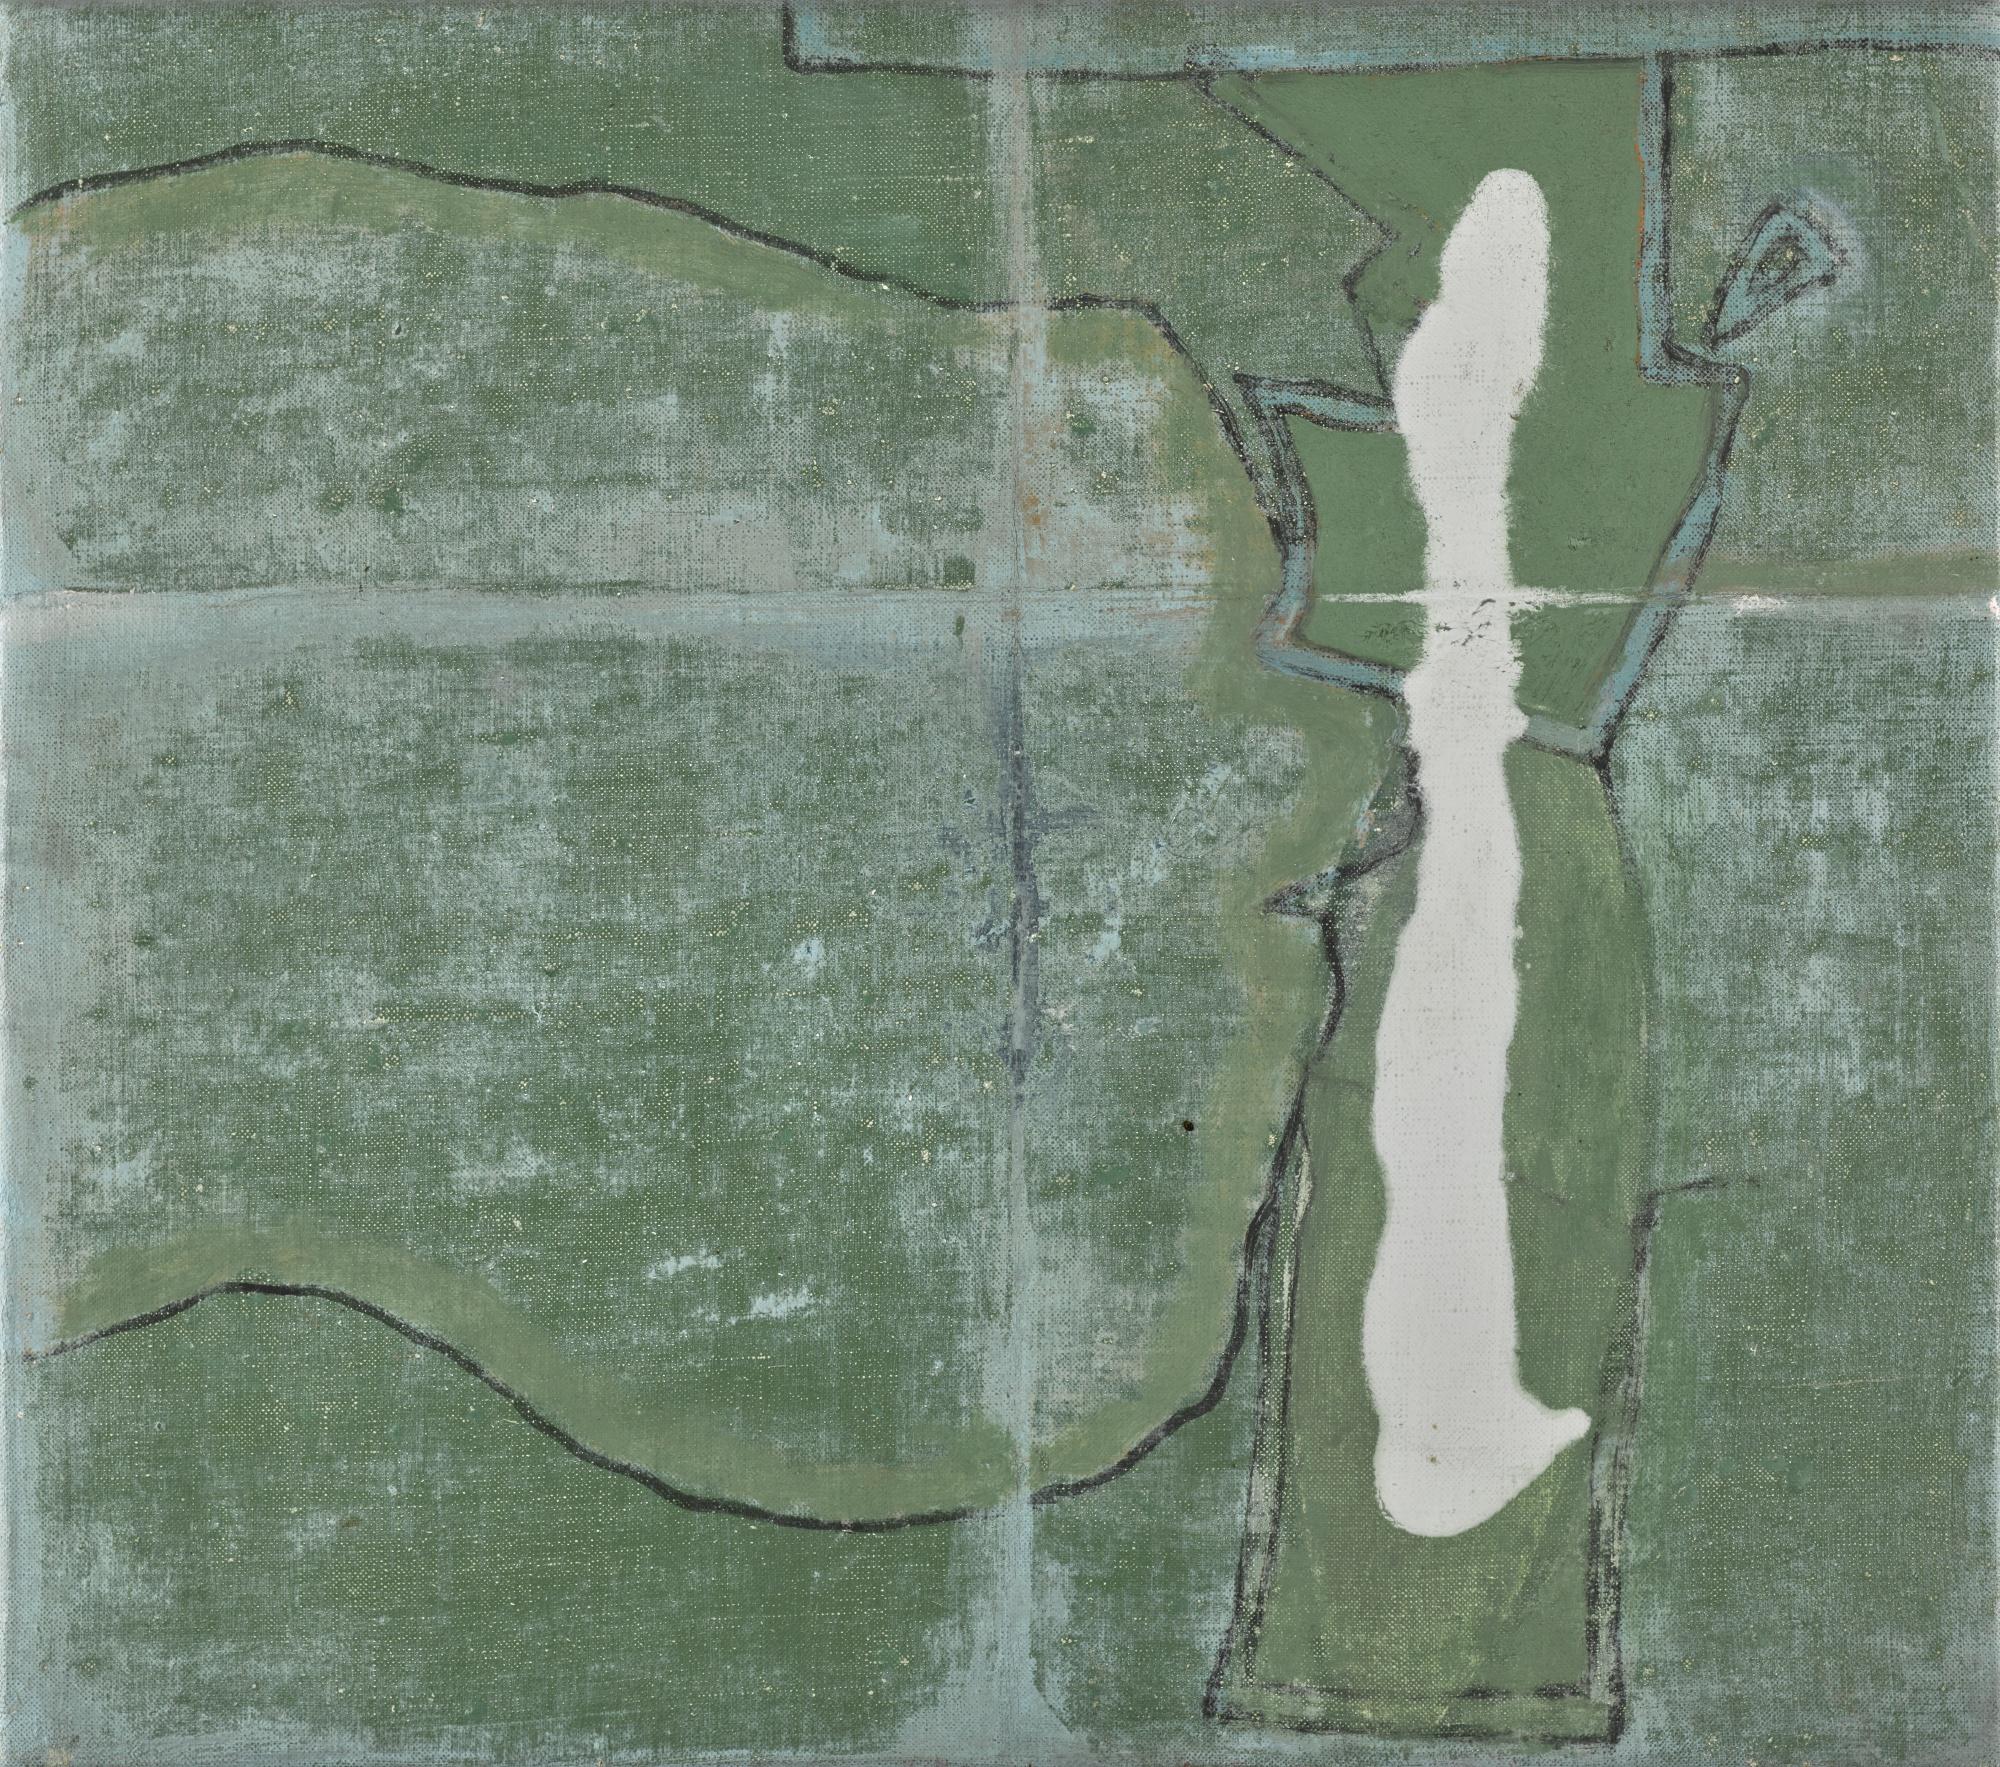 Green Quadrant (1970-73) by Prunella Clough,Estimate £3,000 — £5,000